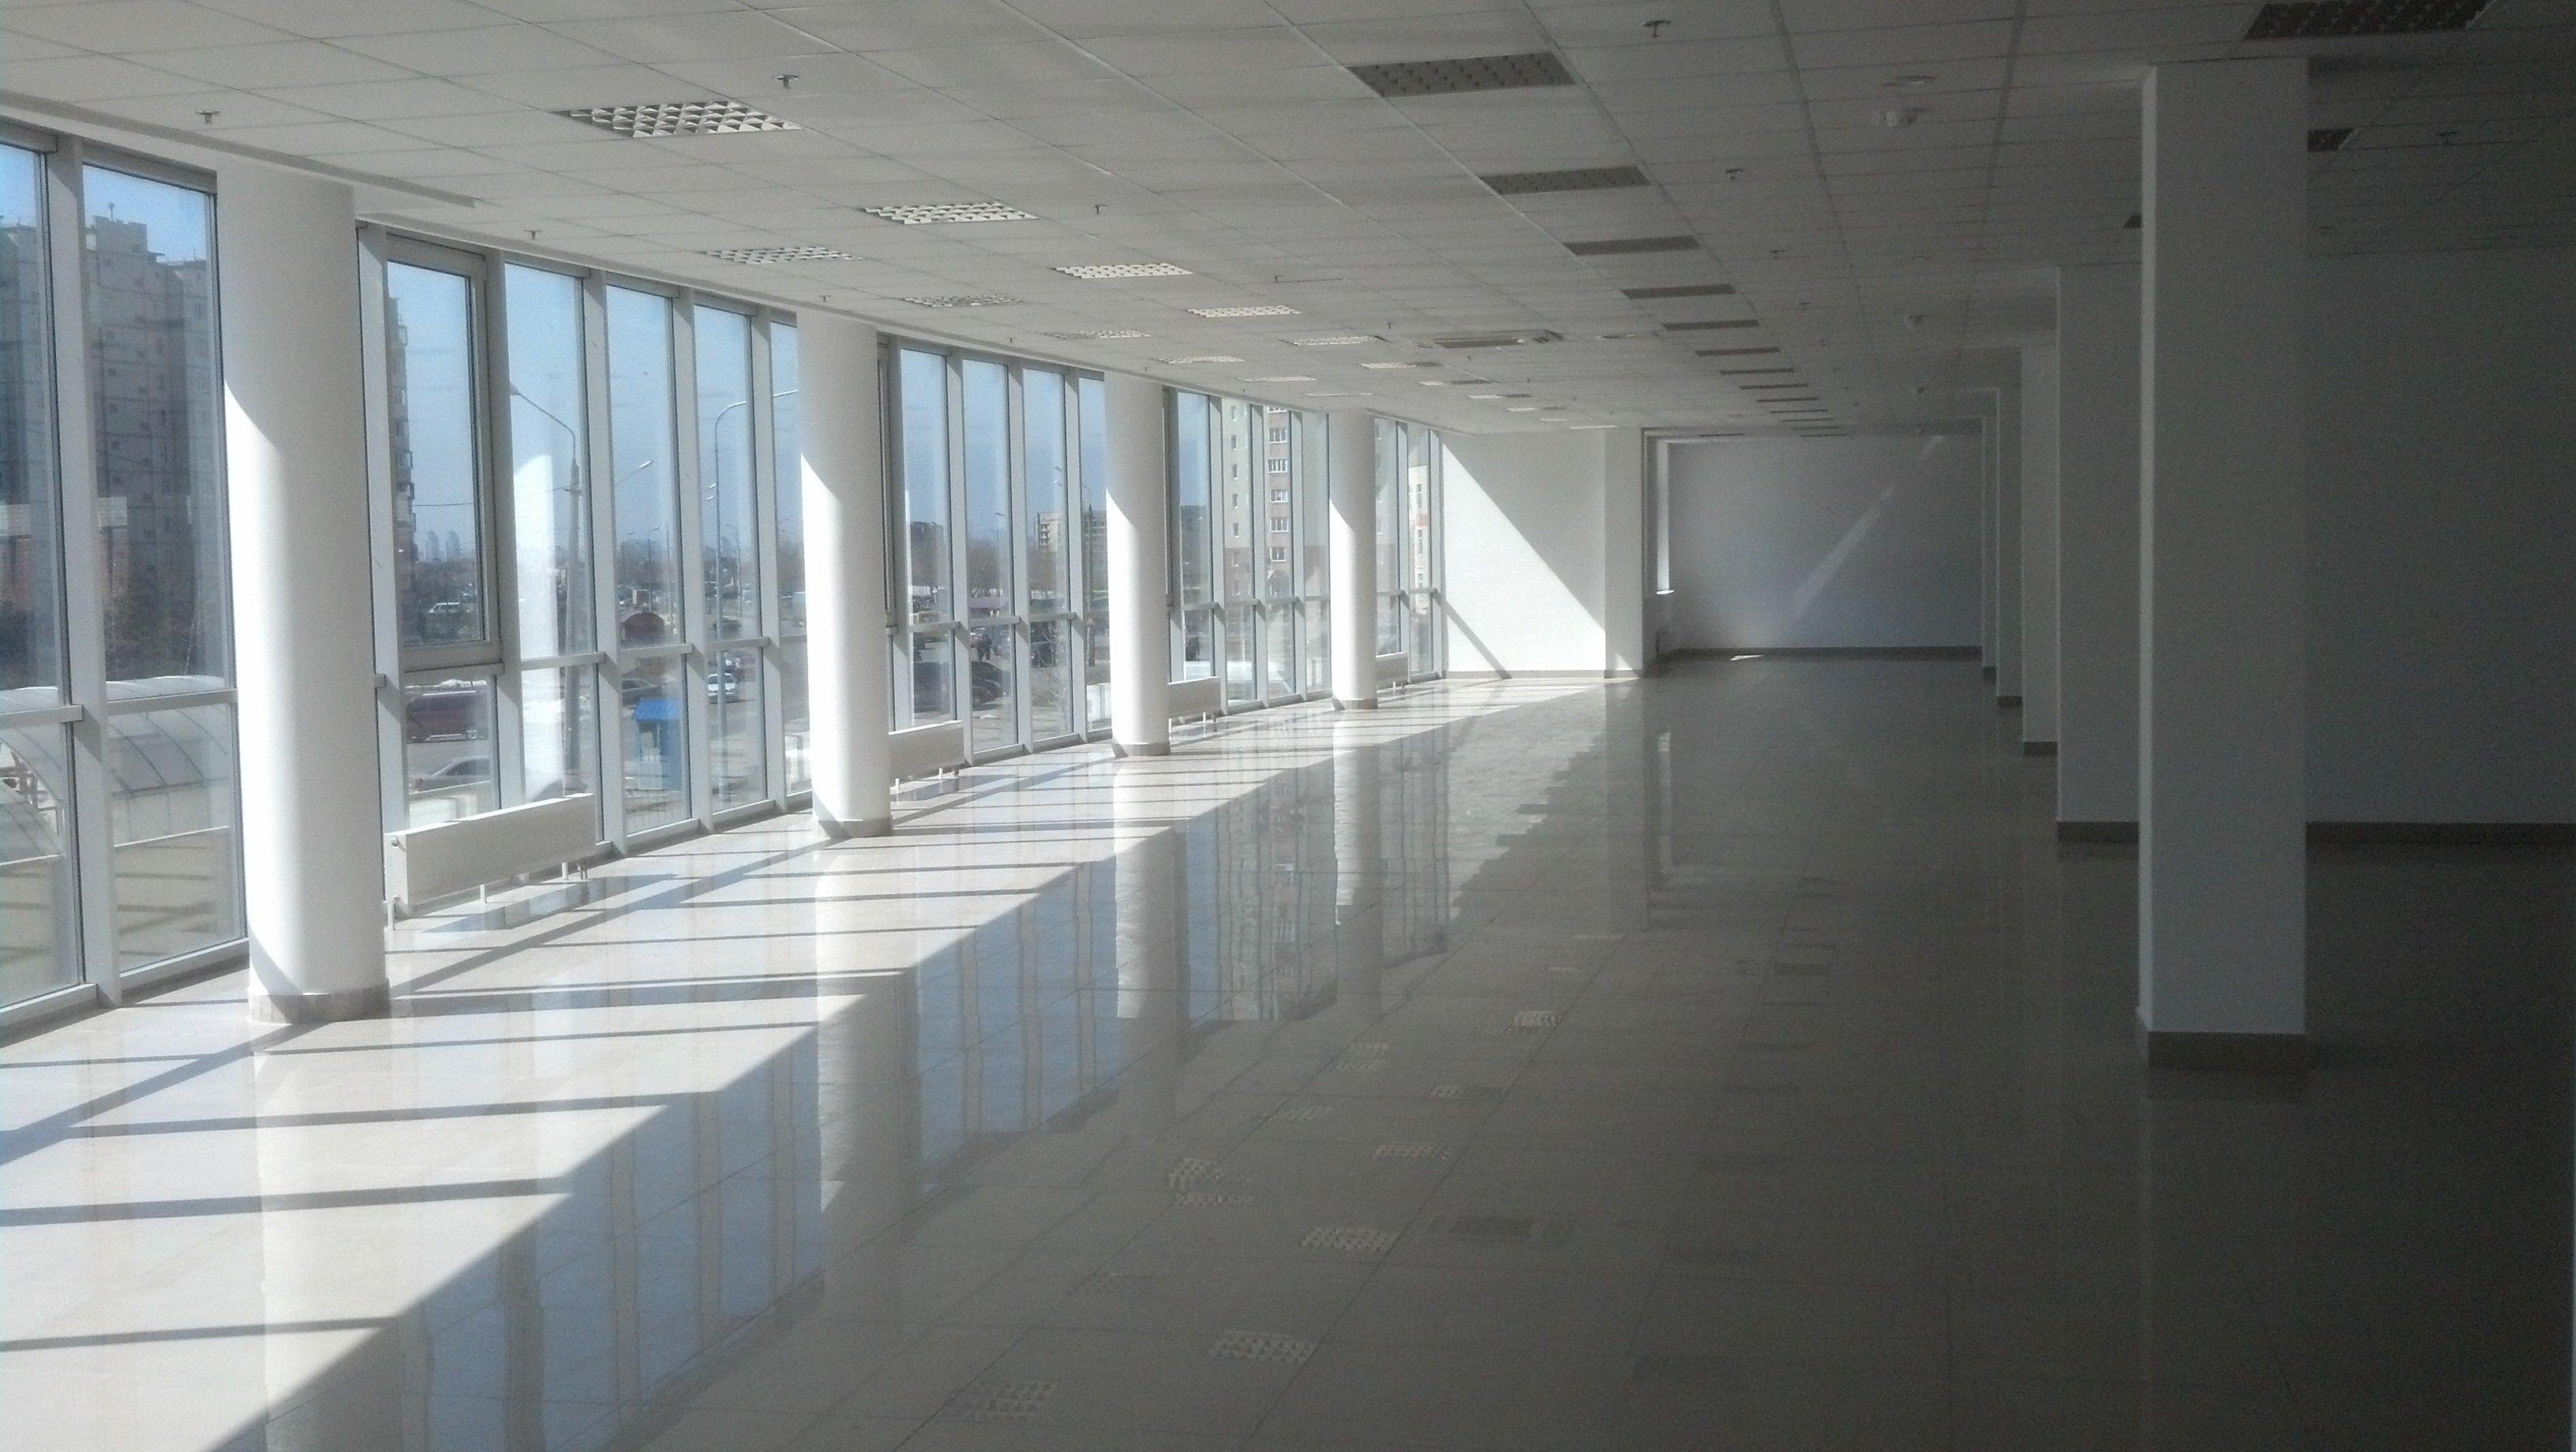 Практичная и актуальная аренда торговых помещений в Краснодаре, от АО «ТПС Недвижимость»